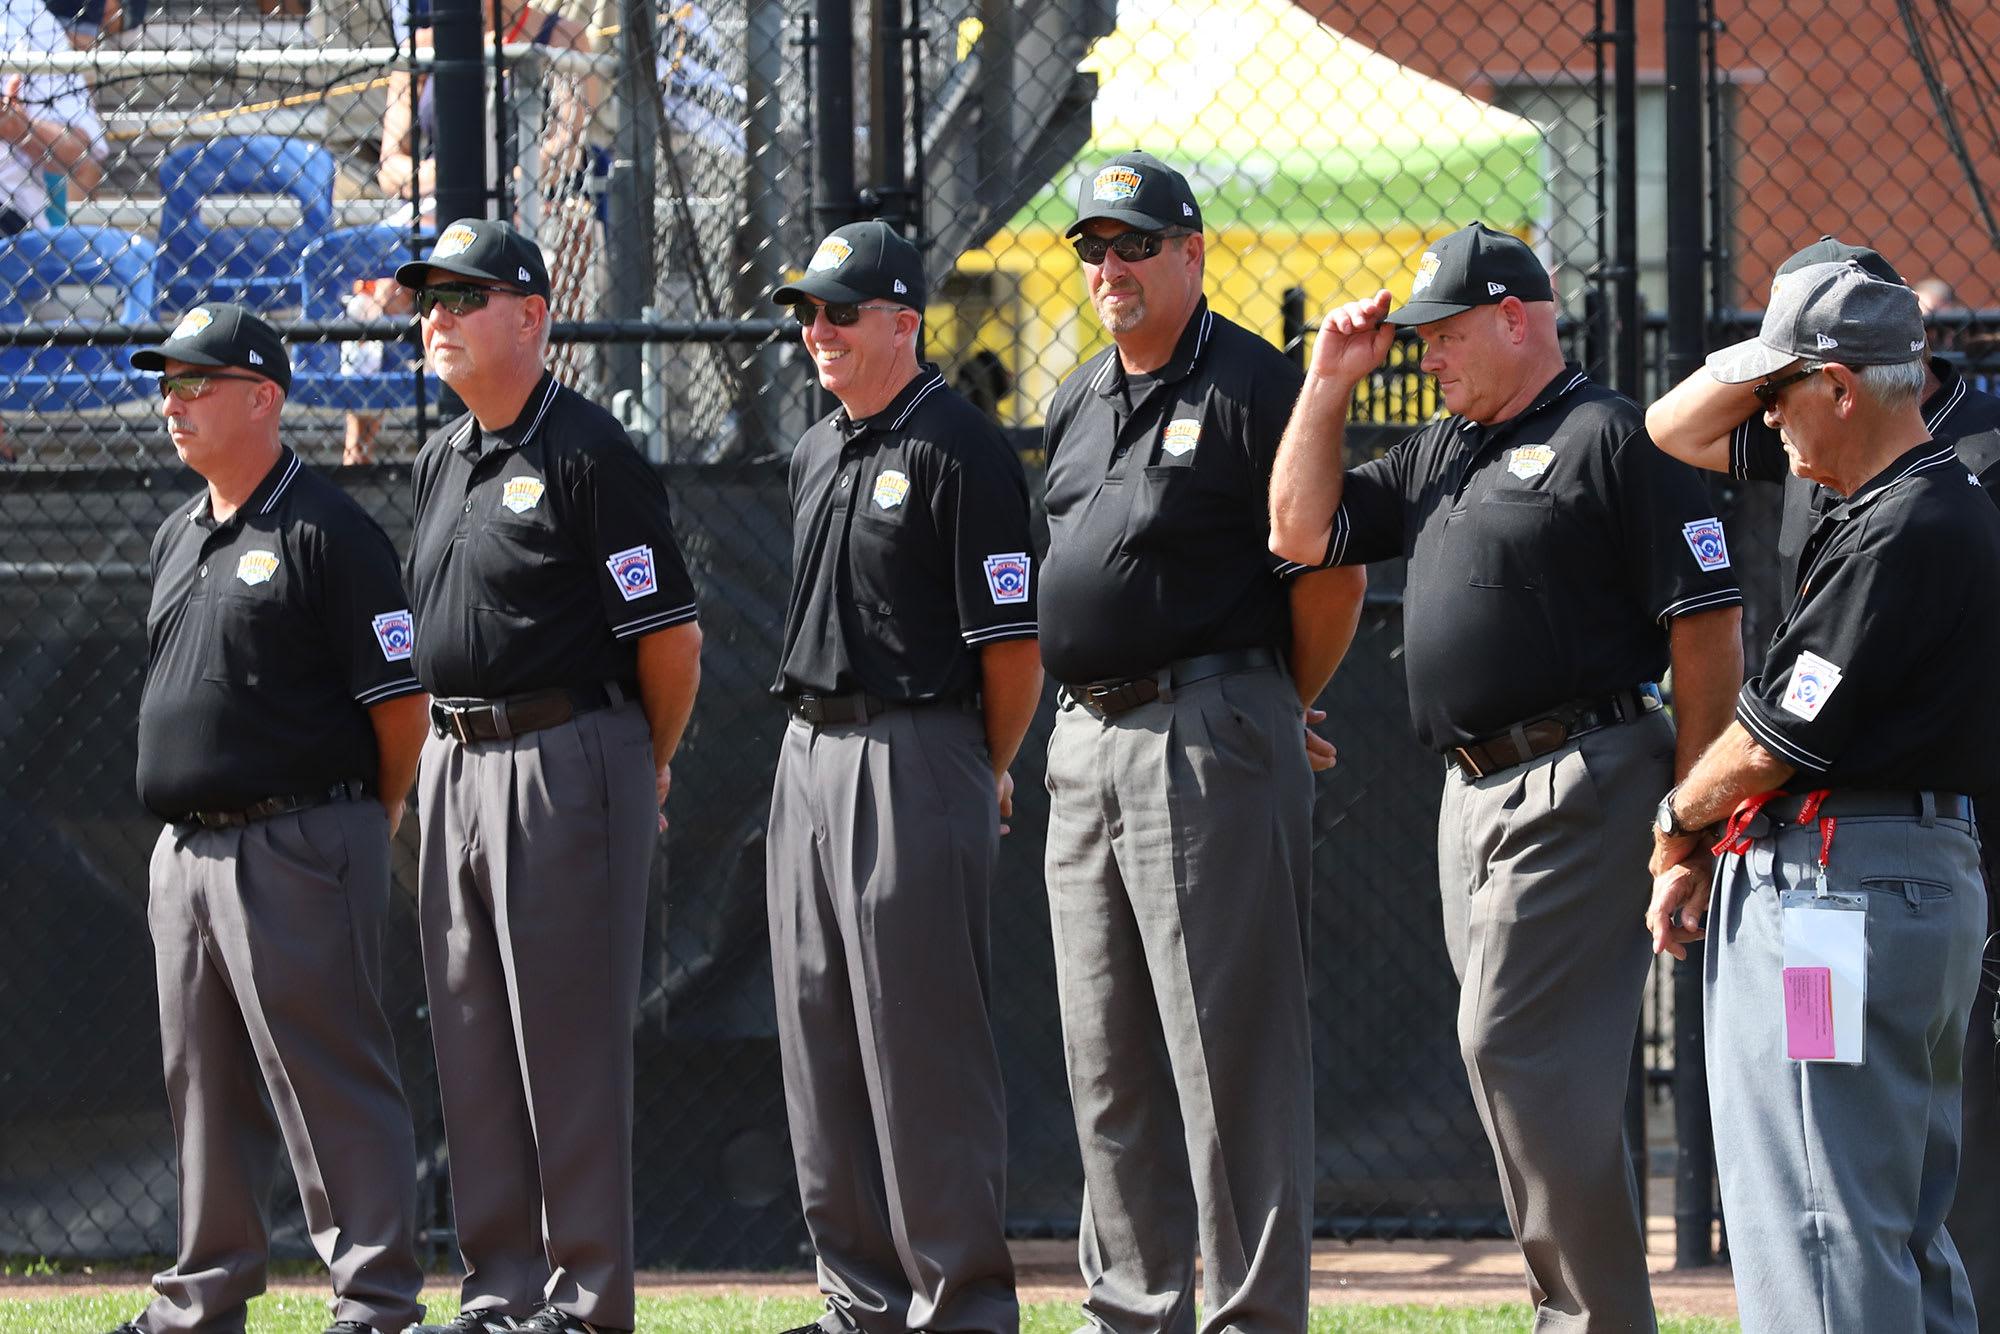 2019 east region umpires